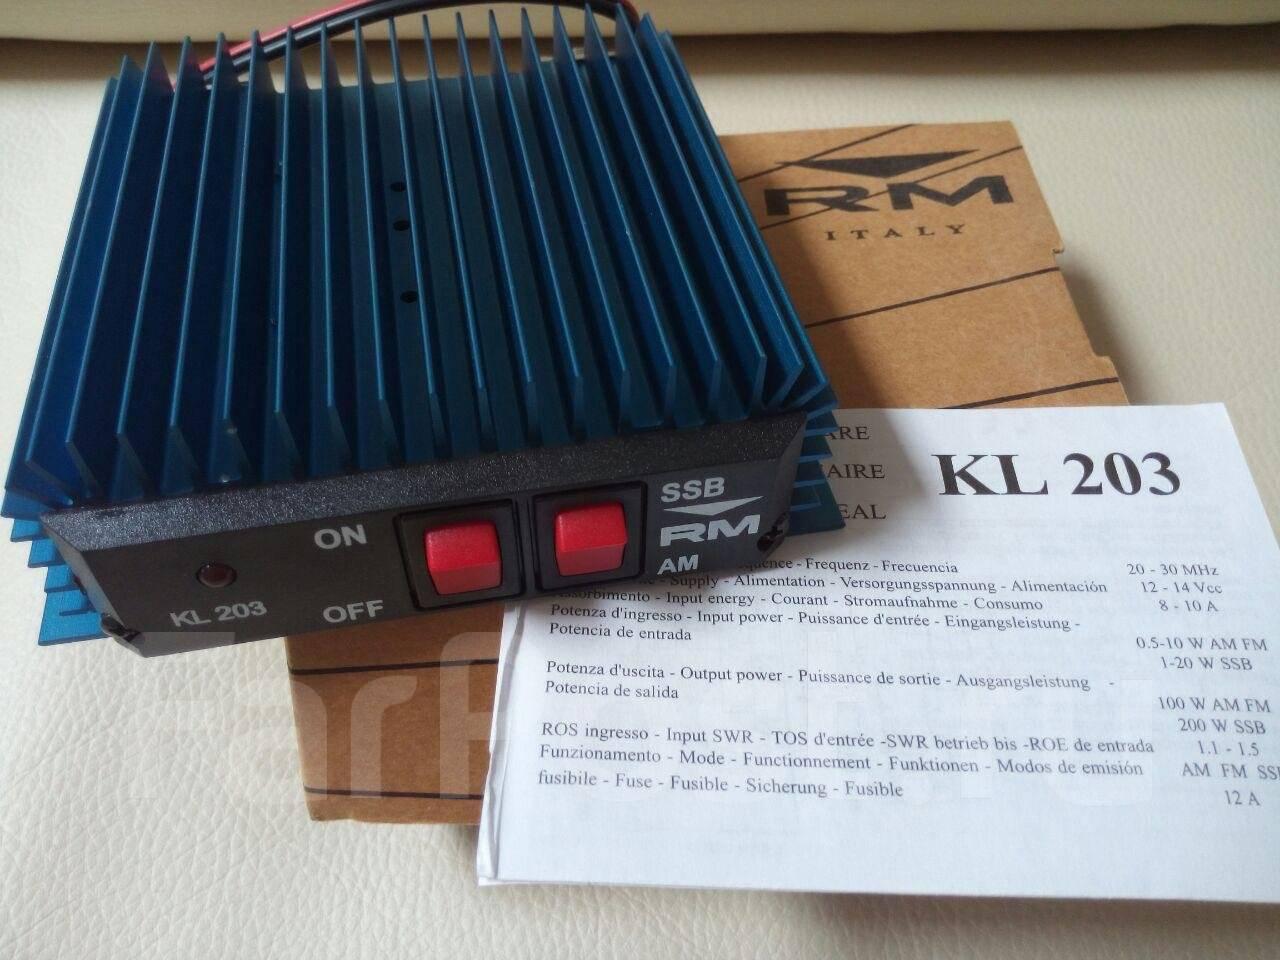 инструкция по эксплуатации kl203p